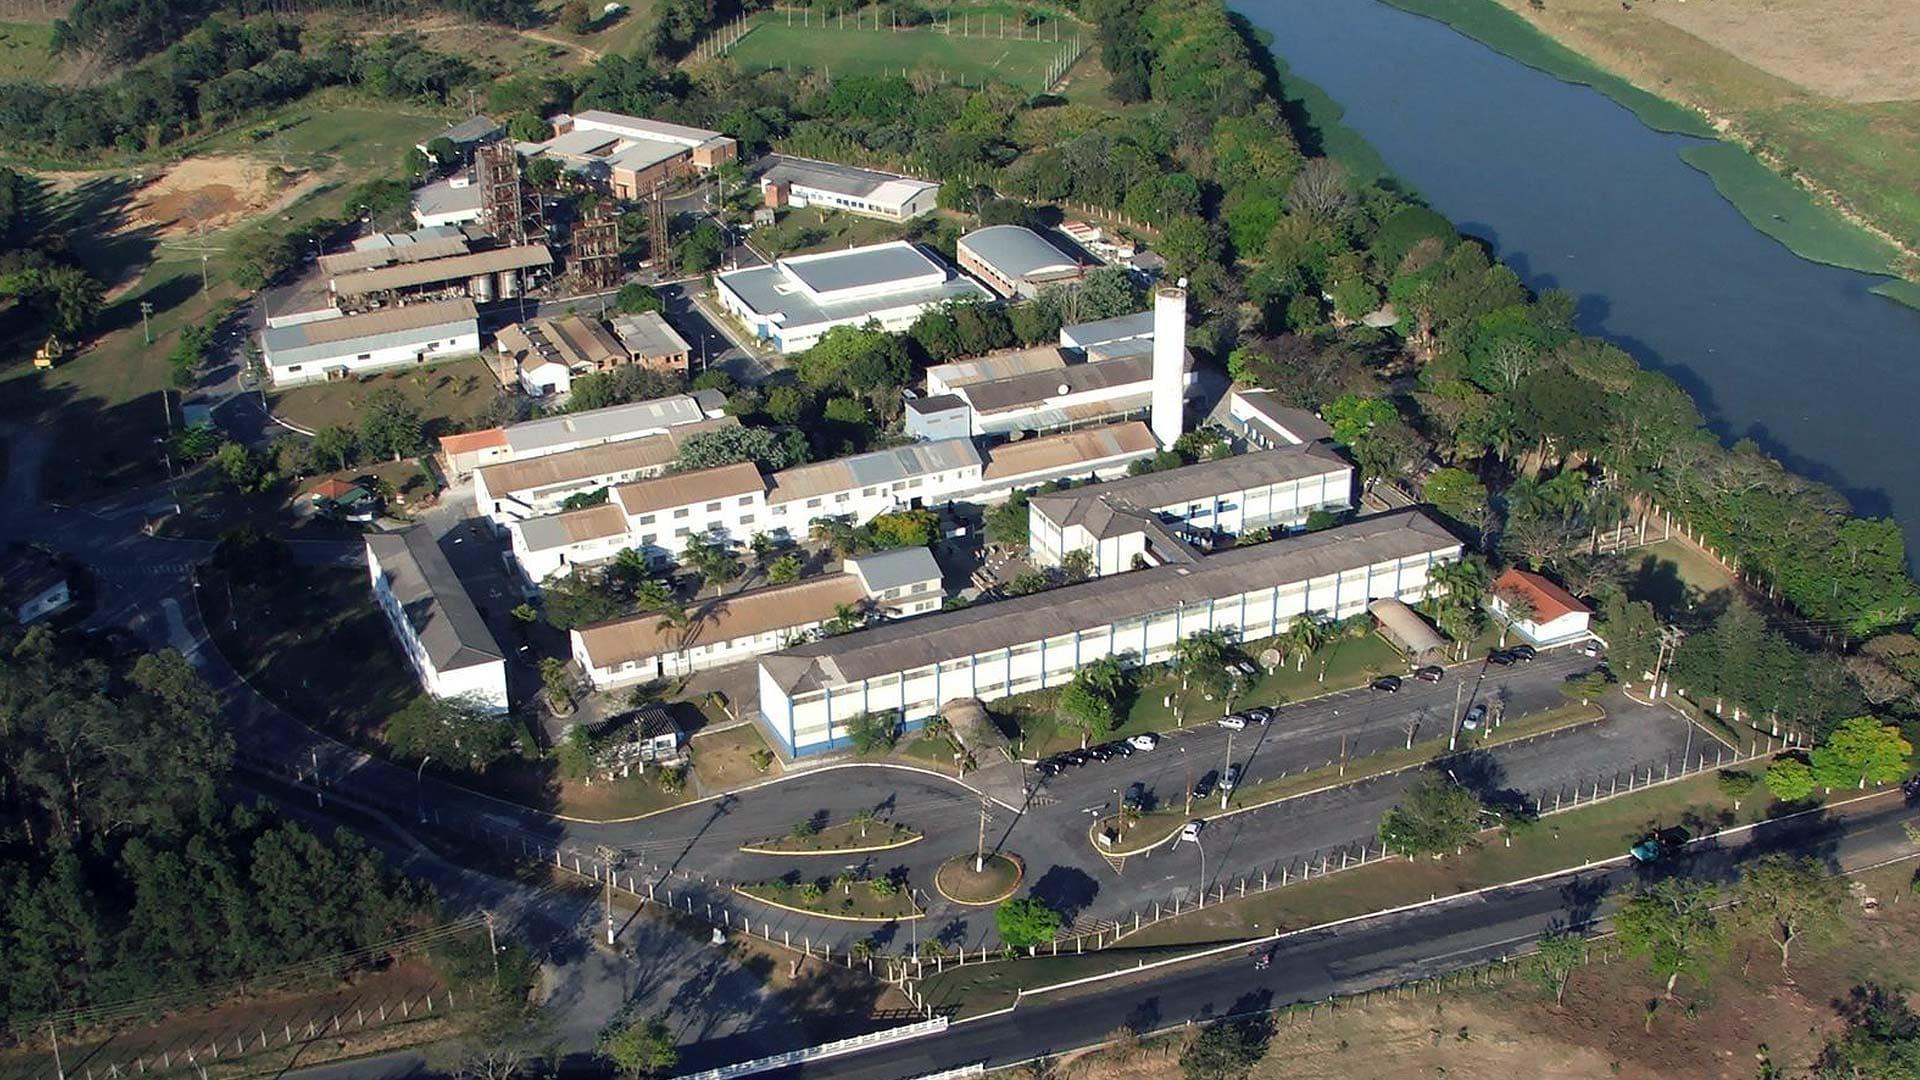 Imagem aérea do campus de Lorena que é referência, para ilustrar quem está procurando um escritório de contabilidade em Lorena